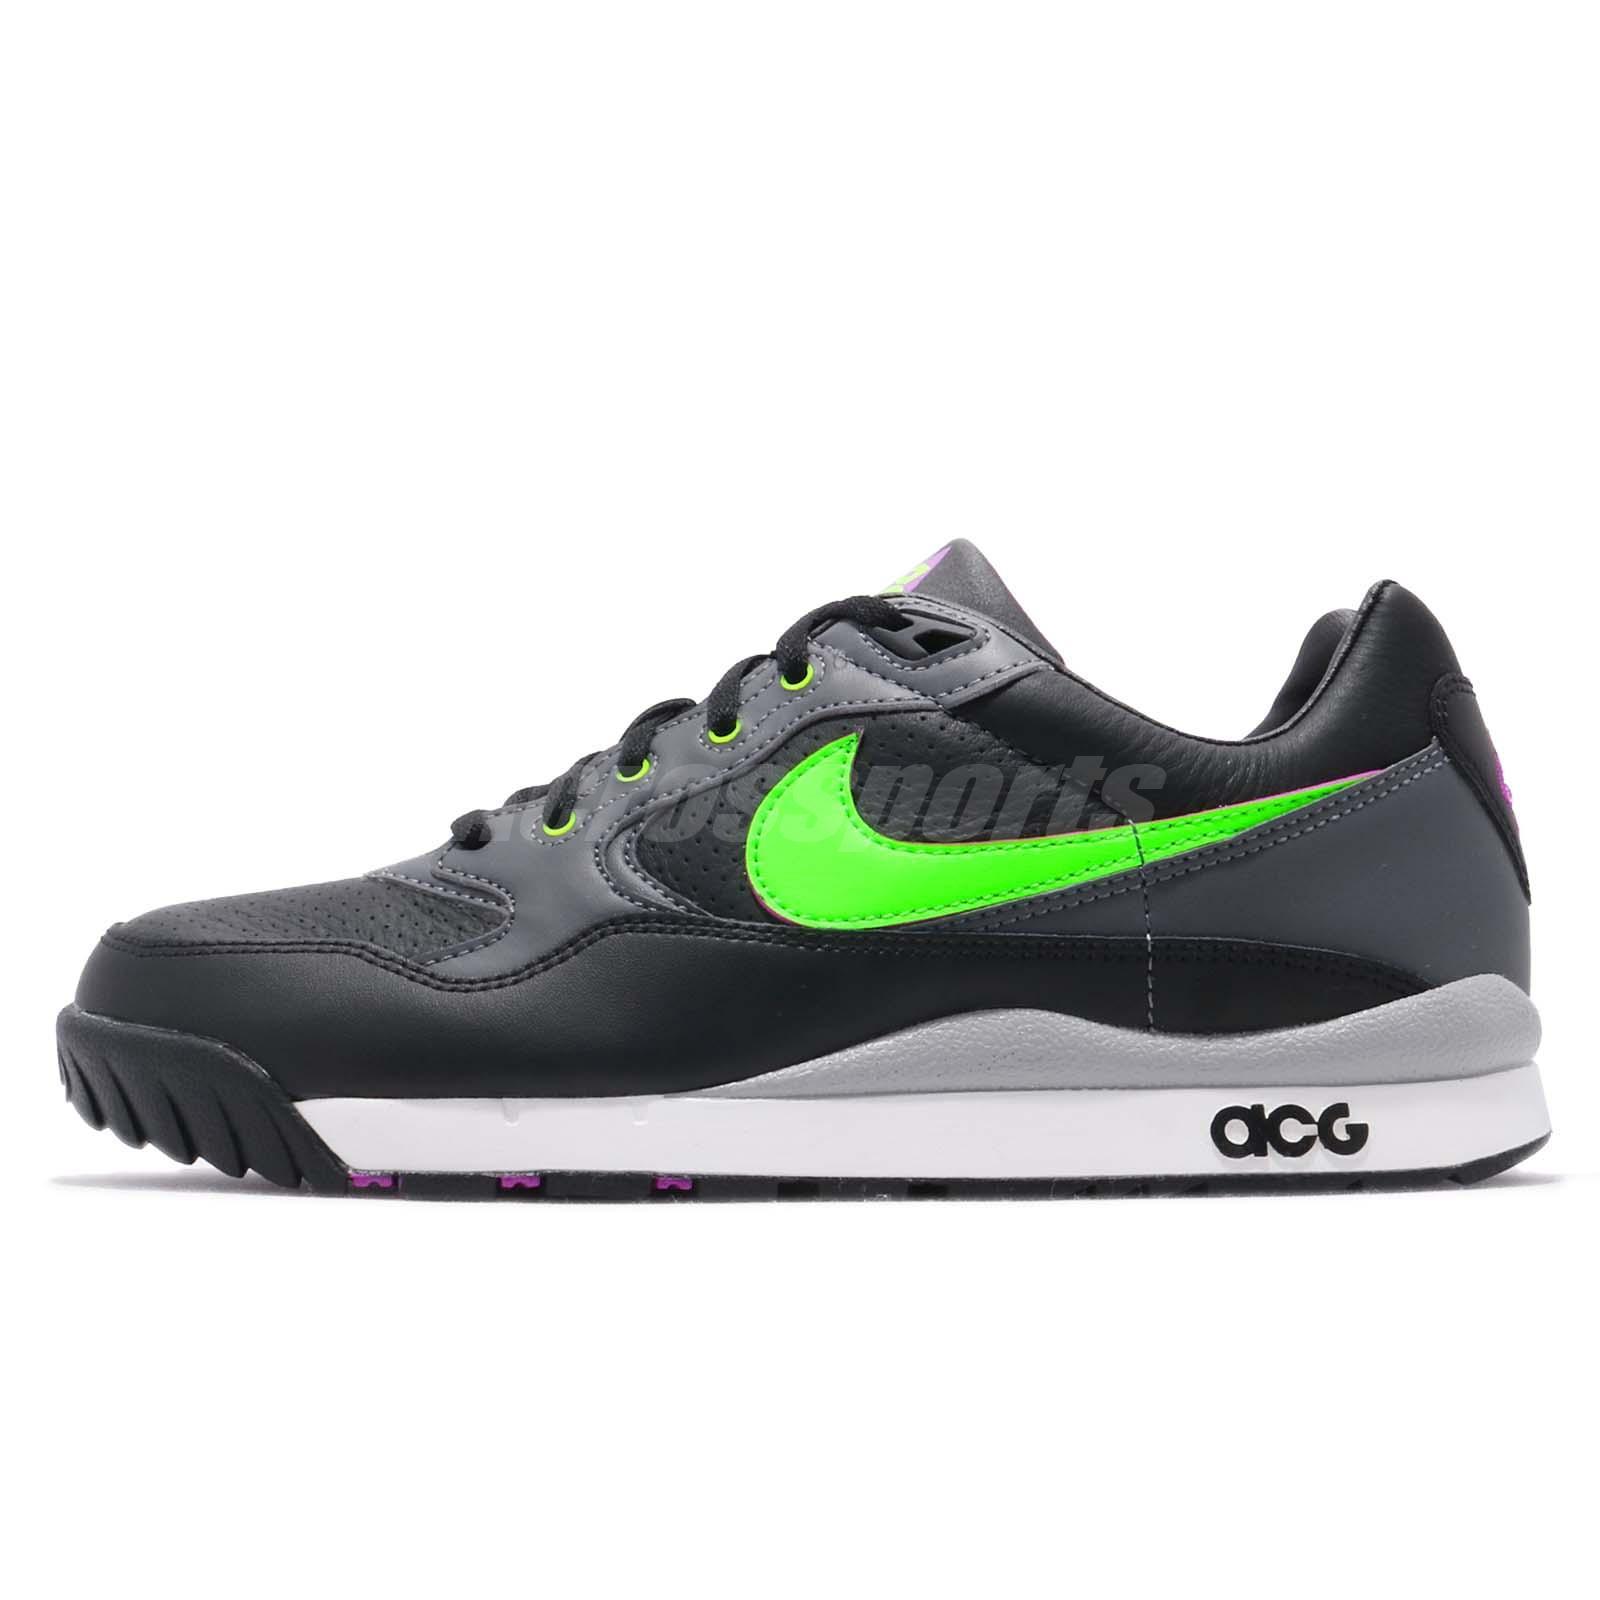 buy online 422db 35888 Nike Air Wildwood ACG Black Green Mens Outdoors Shoes Sneakers AO3116-002